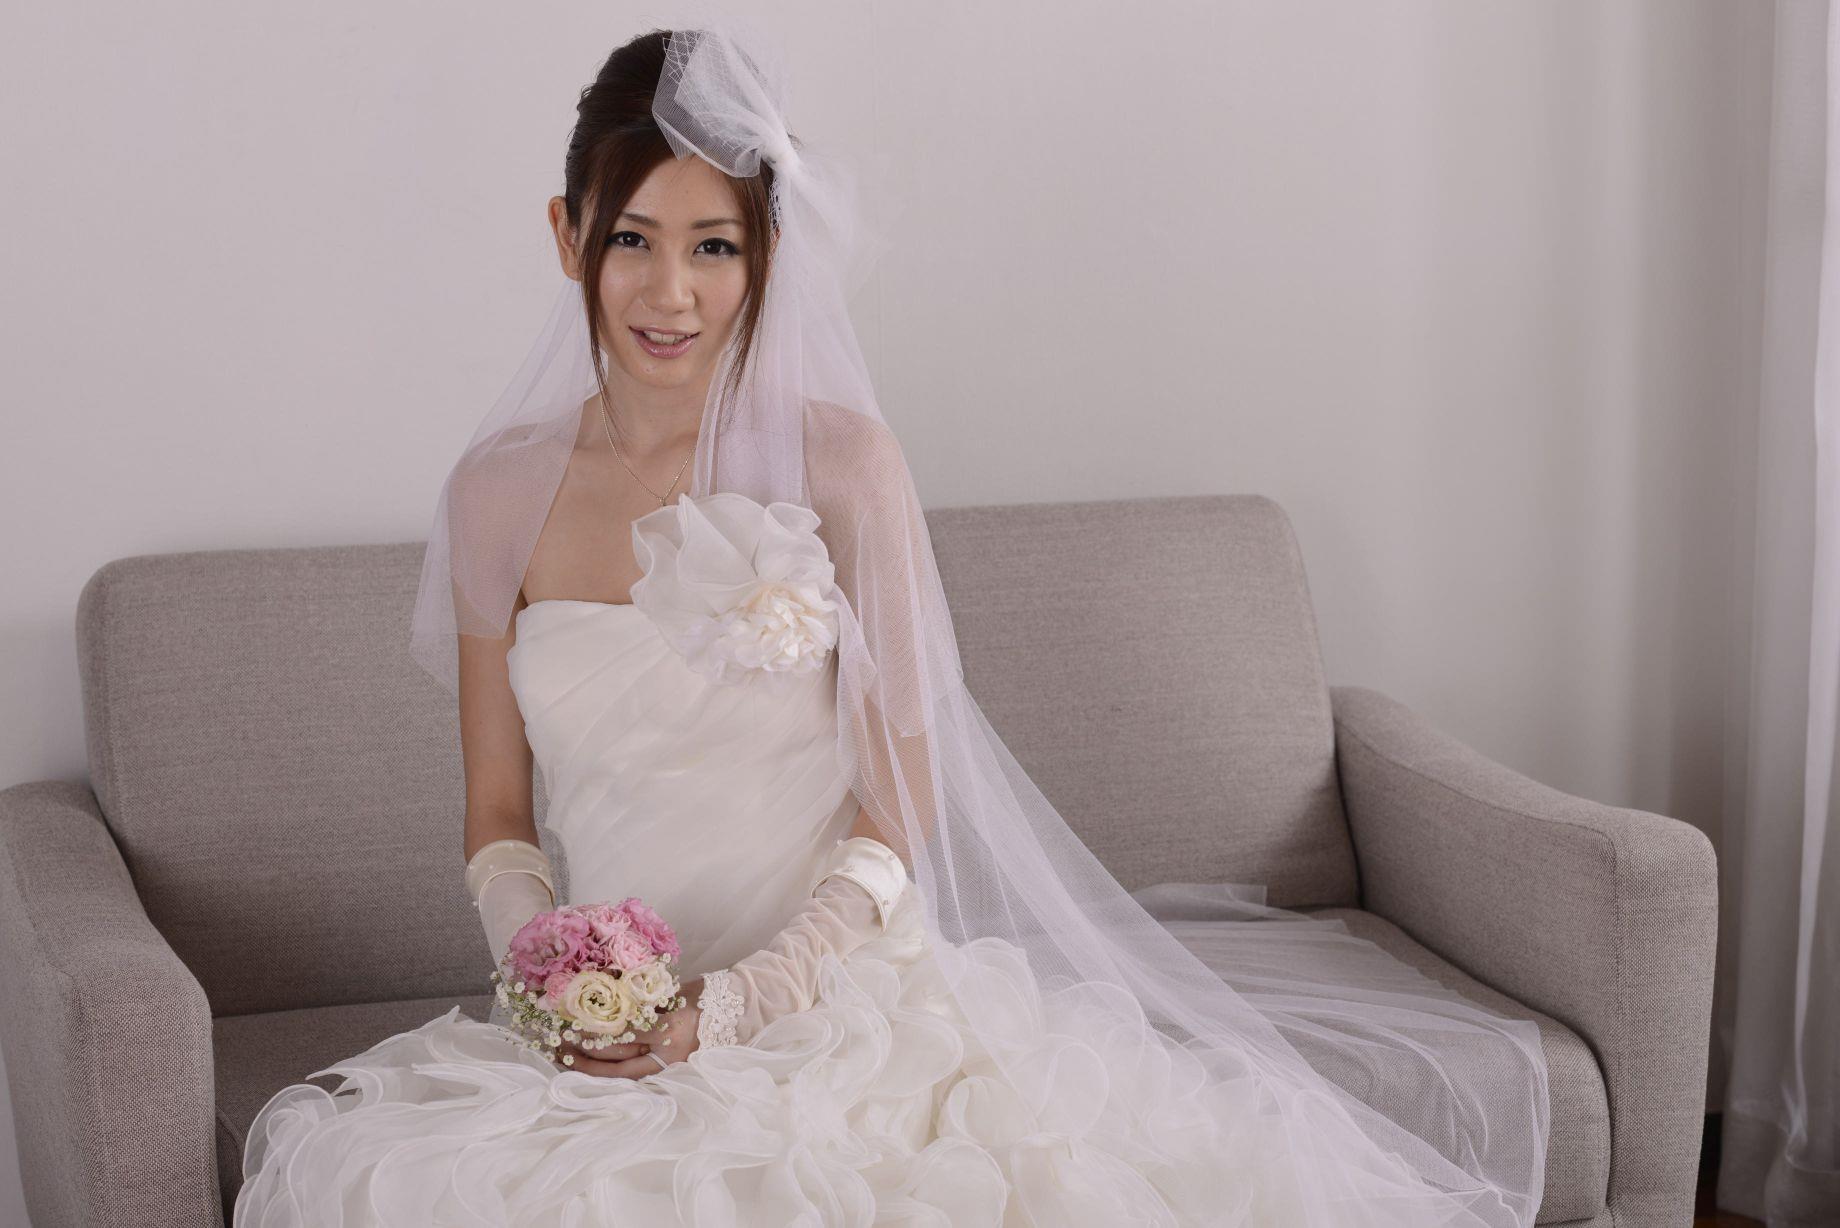 前田かおり ウェディングドレス画像 46